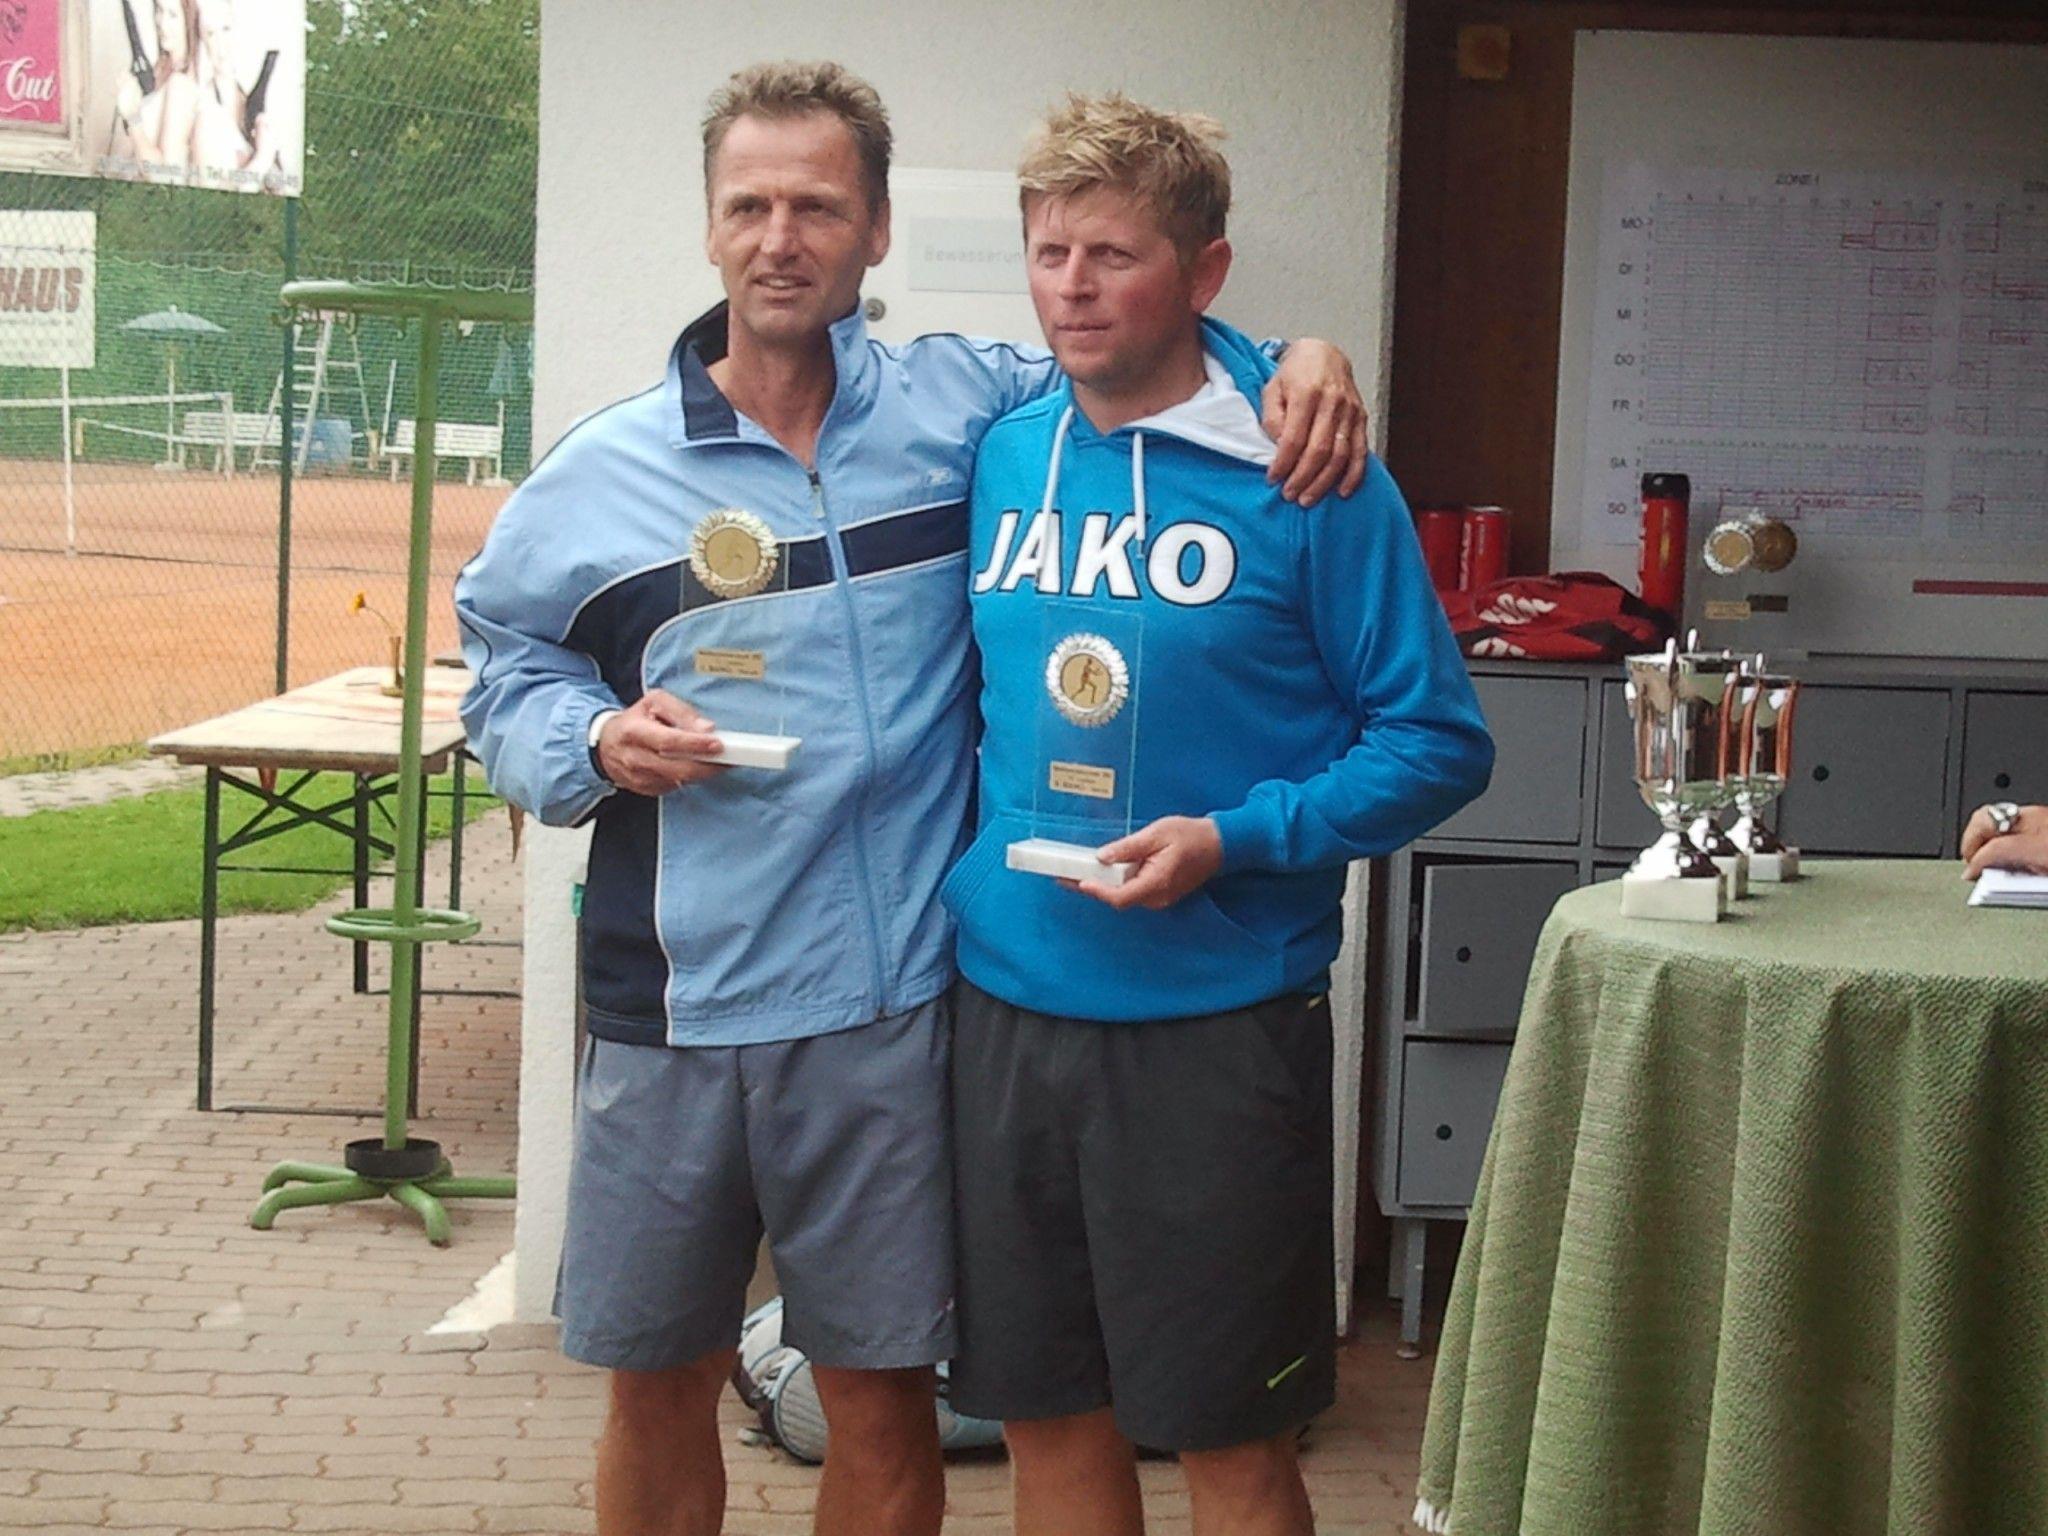 Markus Hack und Ali Keskin kämpften im Finale um den Titel in der Herrenbewerb